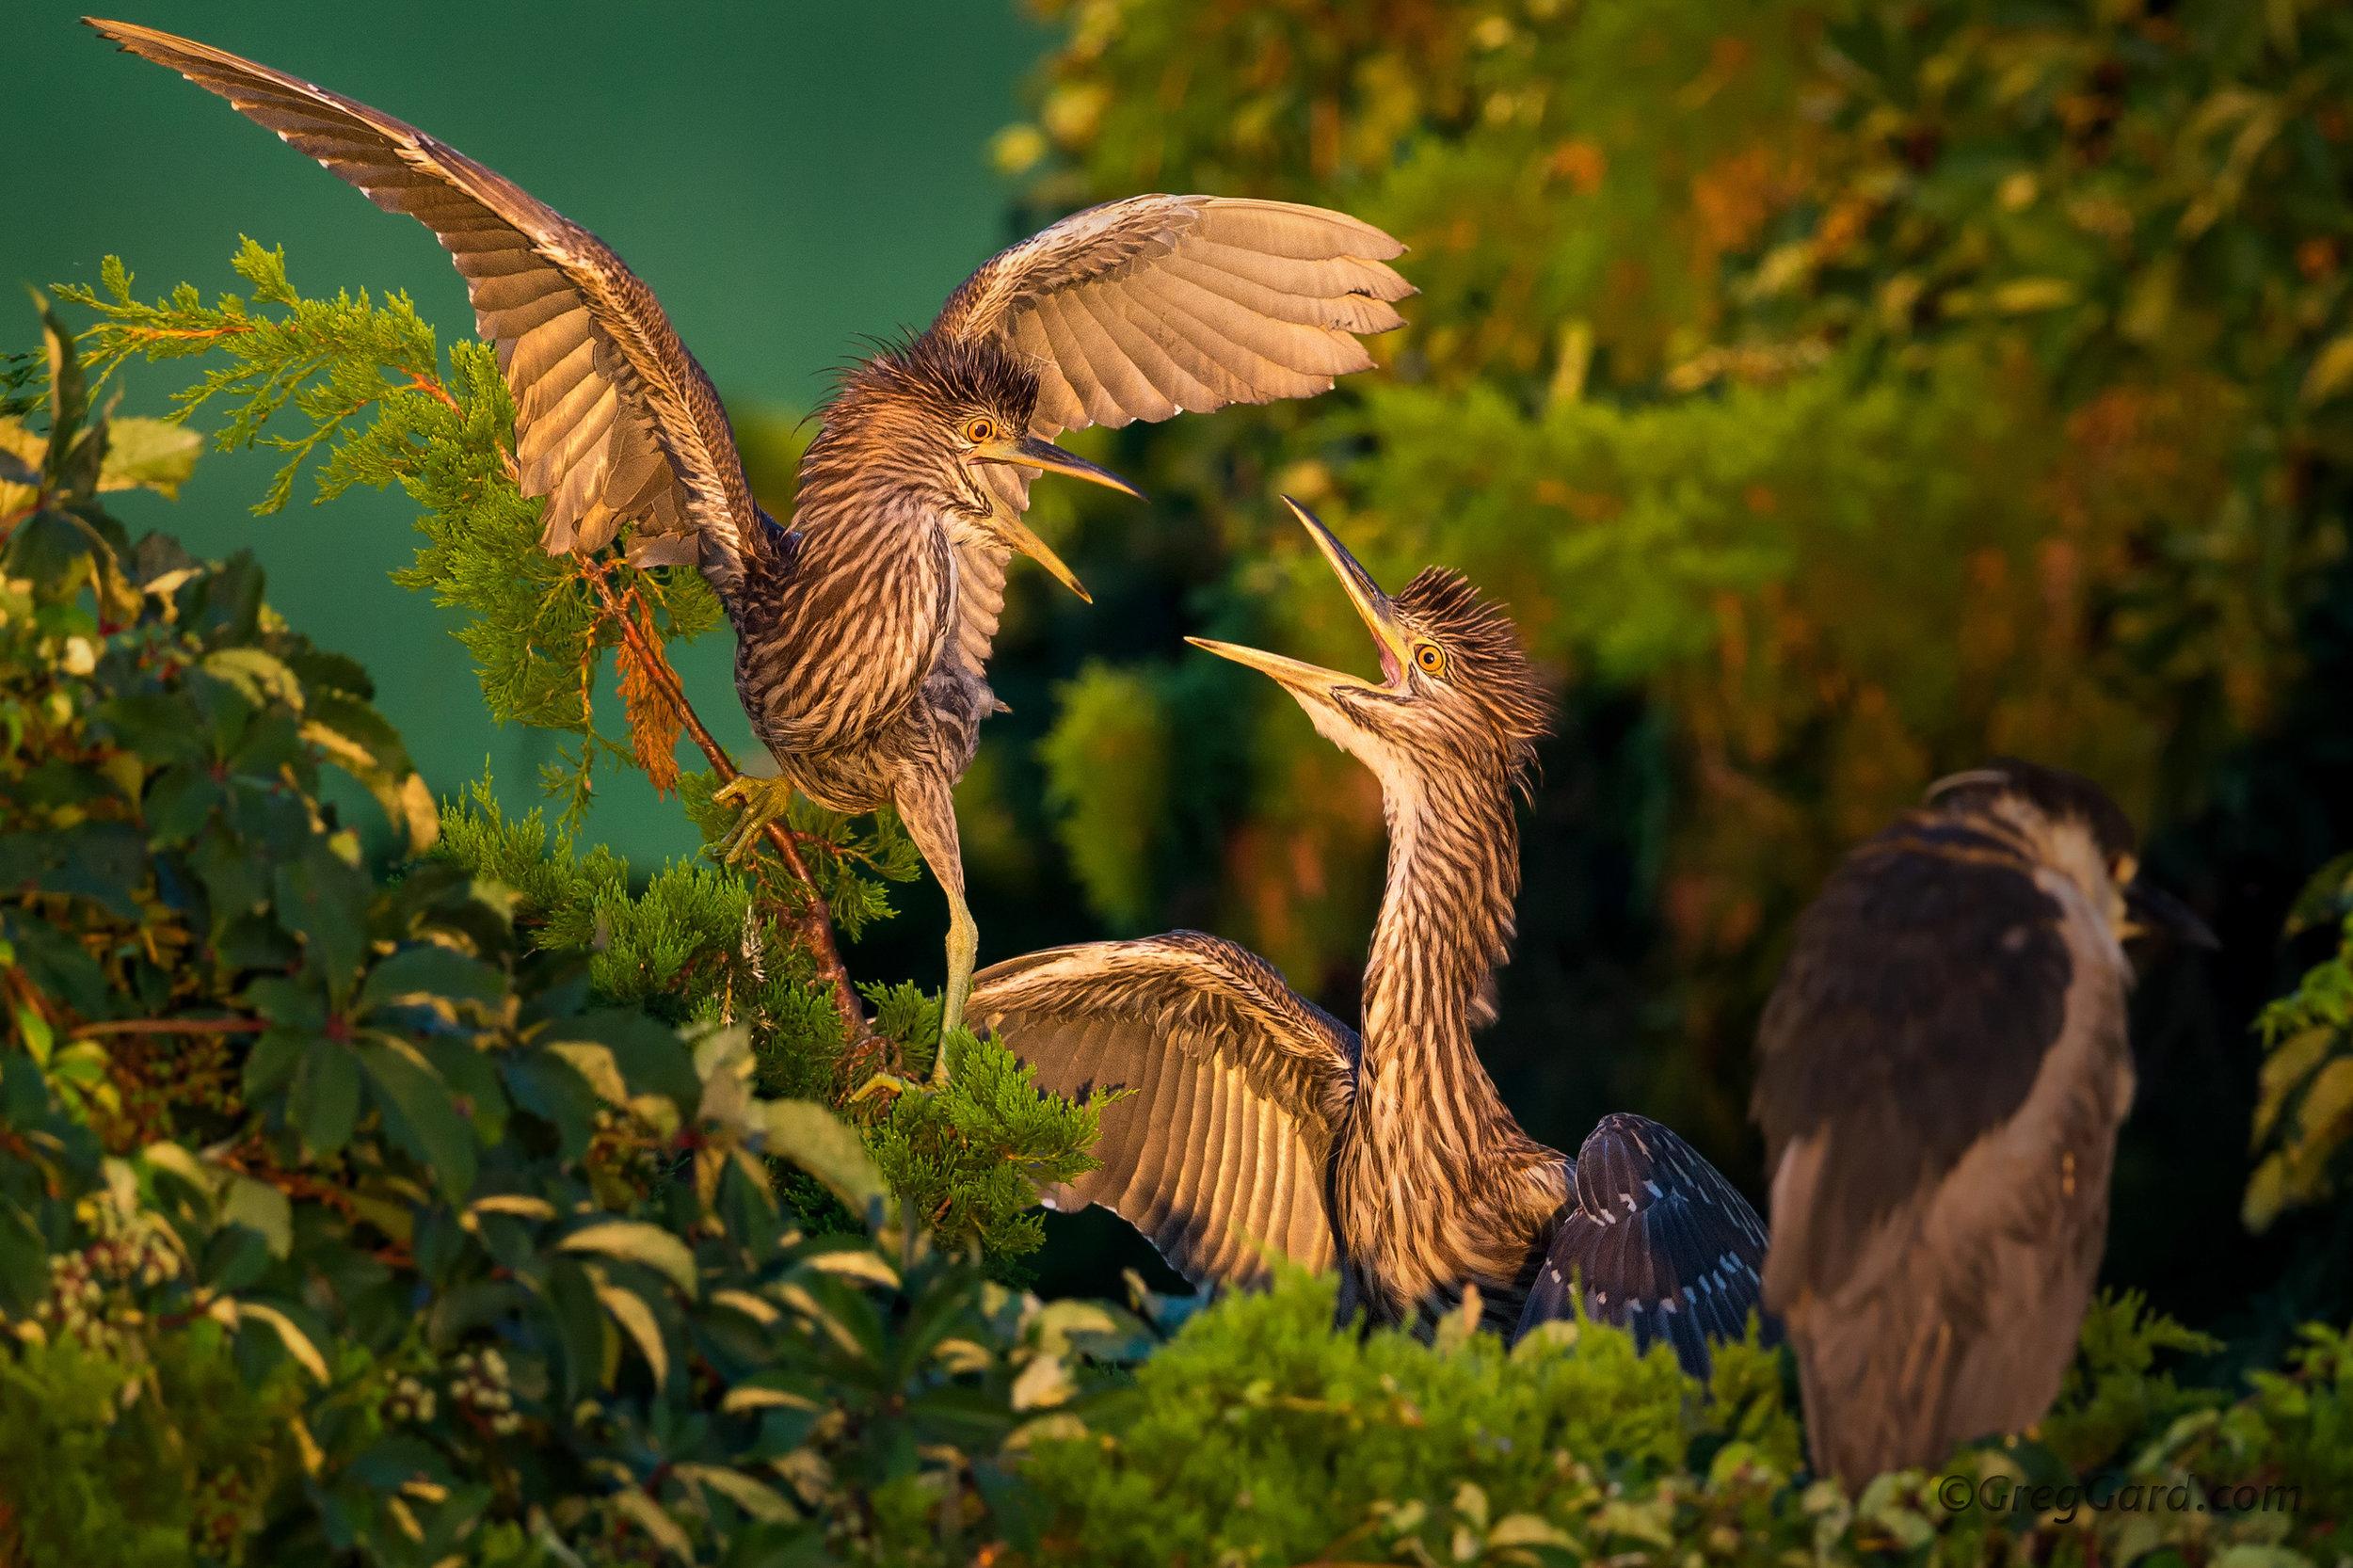 Juvenile Yellow-crowned Night Heron arguing